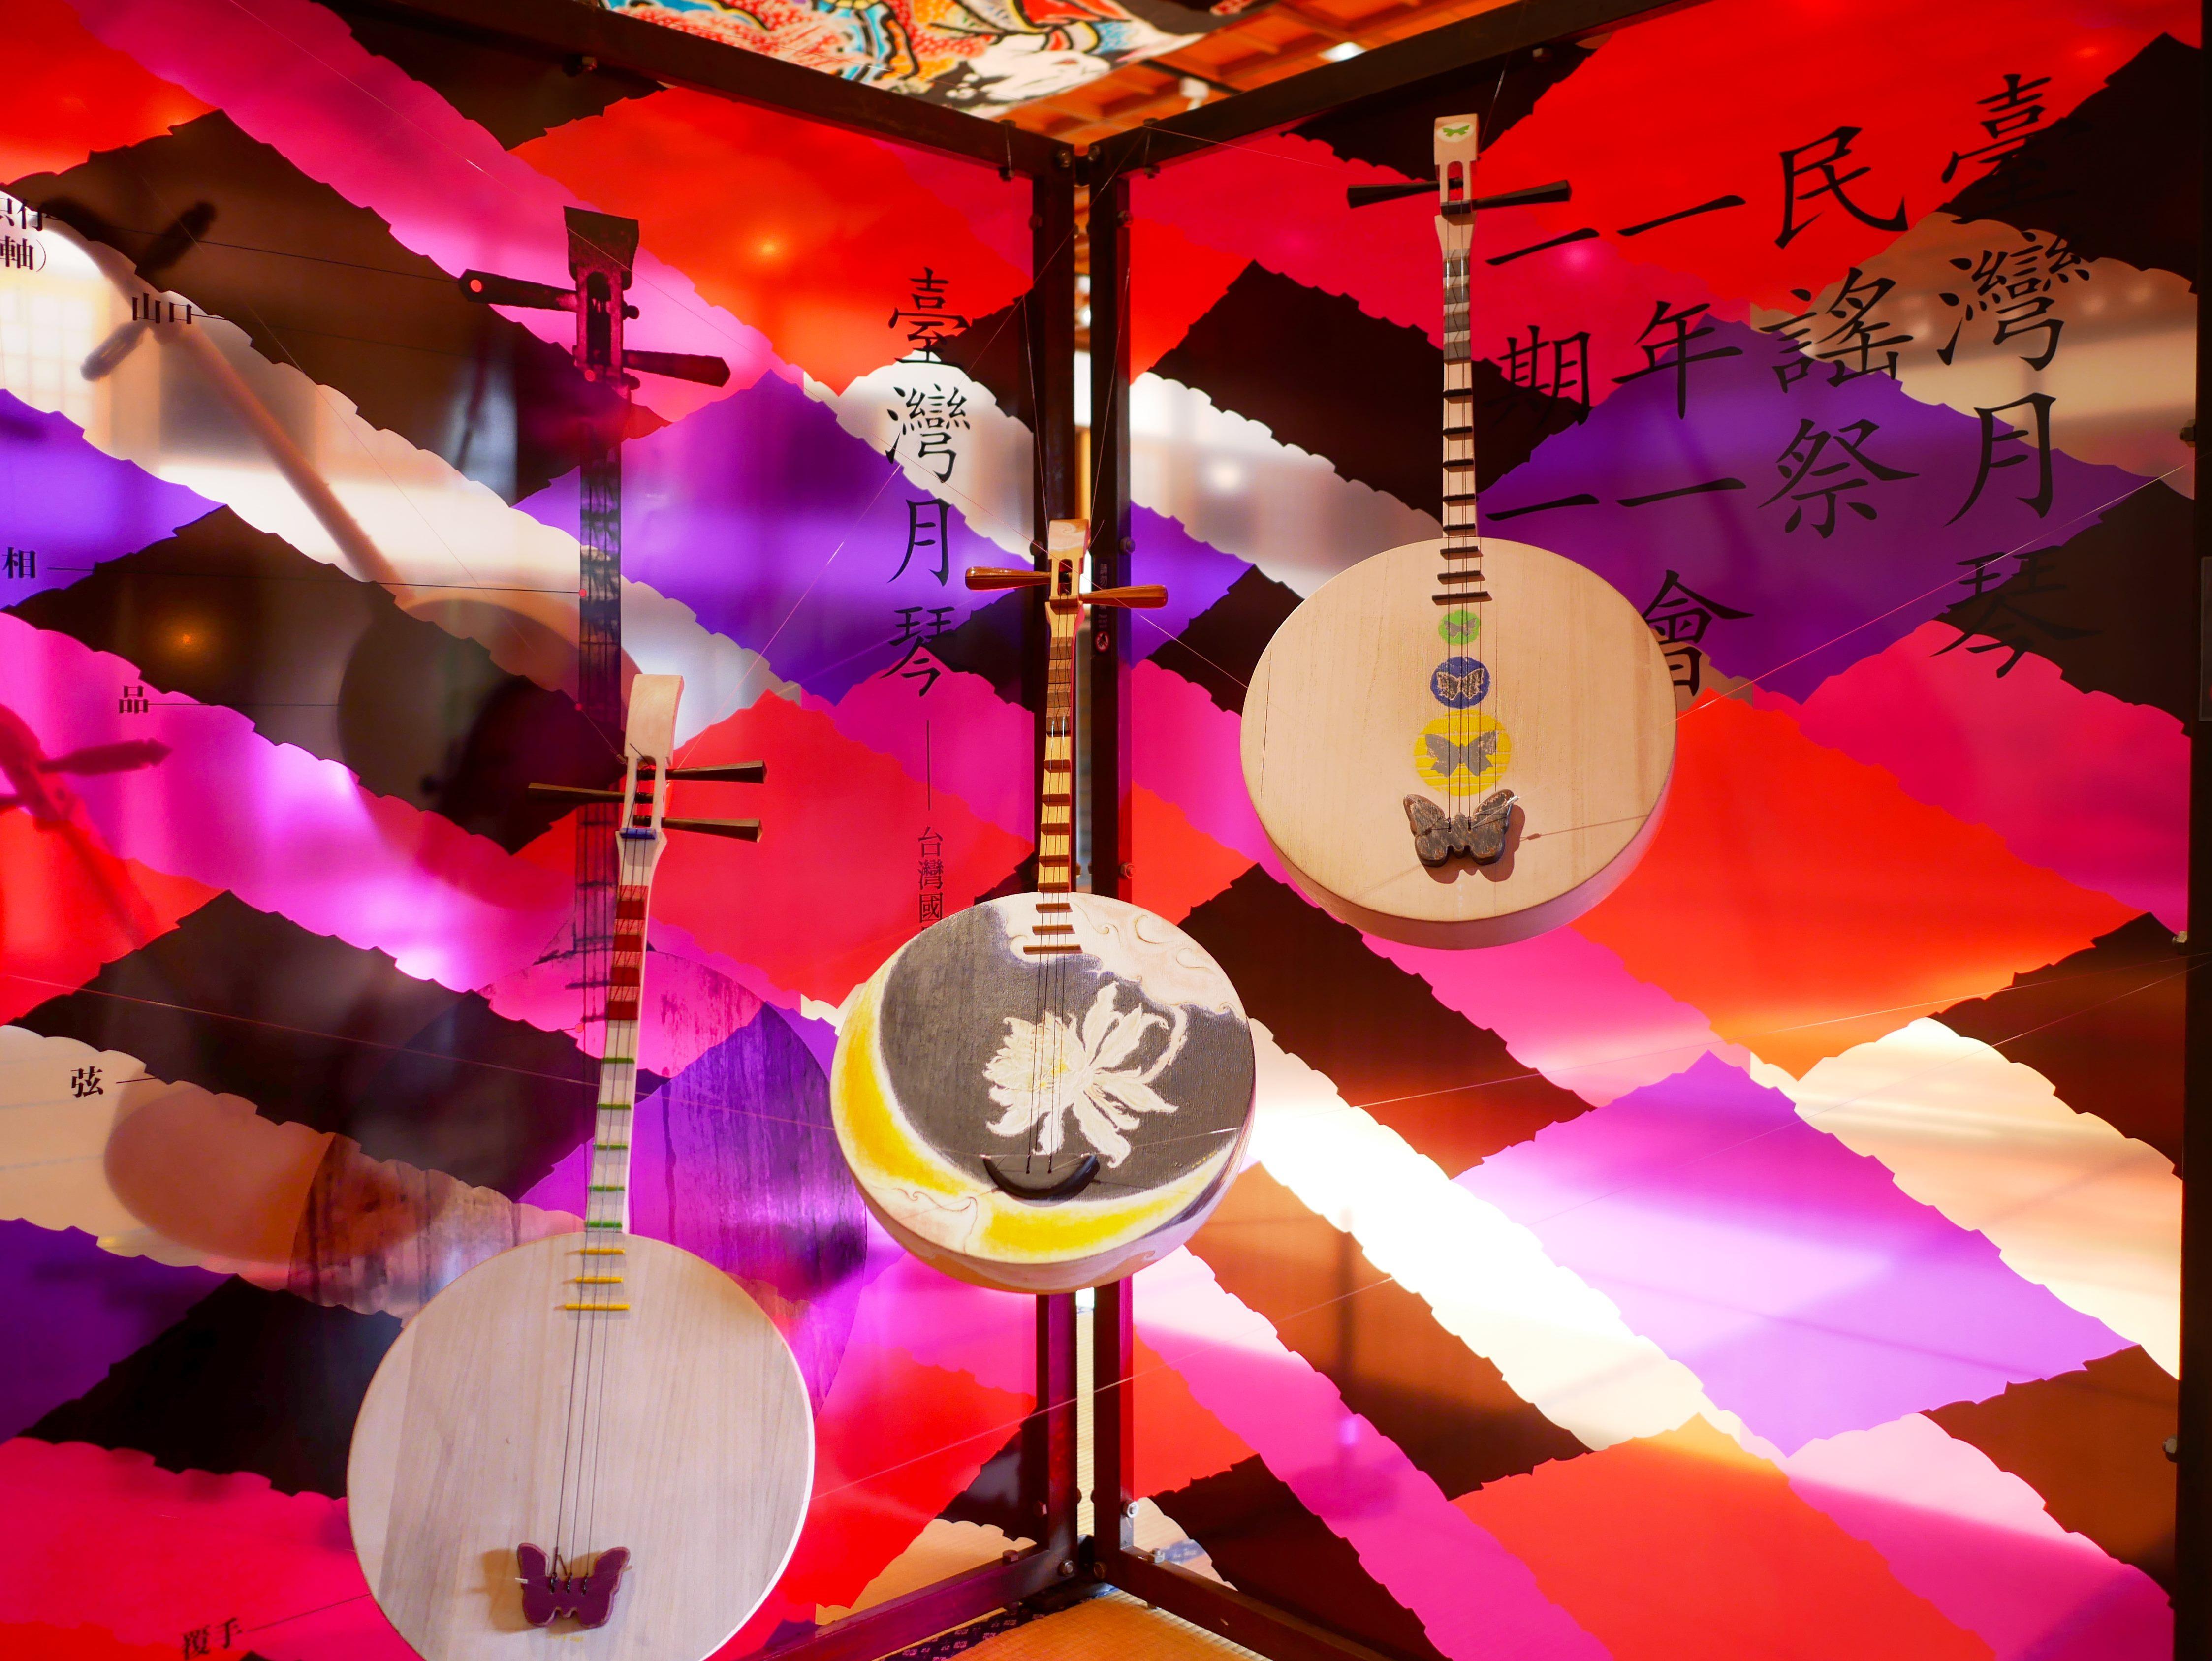 月琴祭裝置藝術